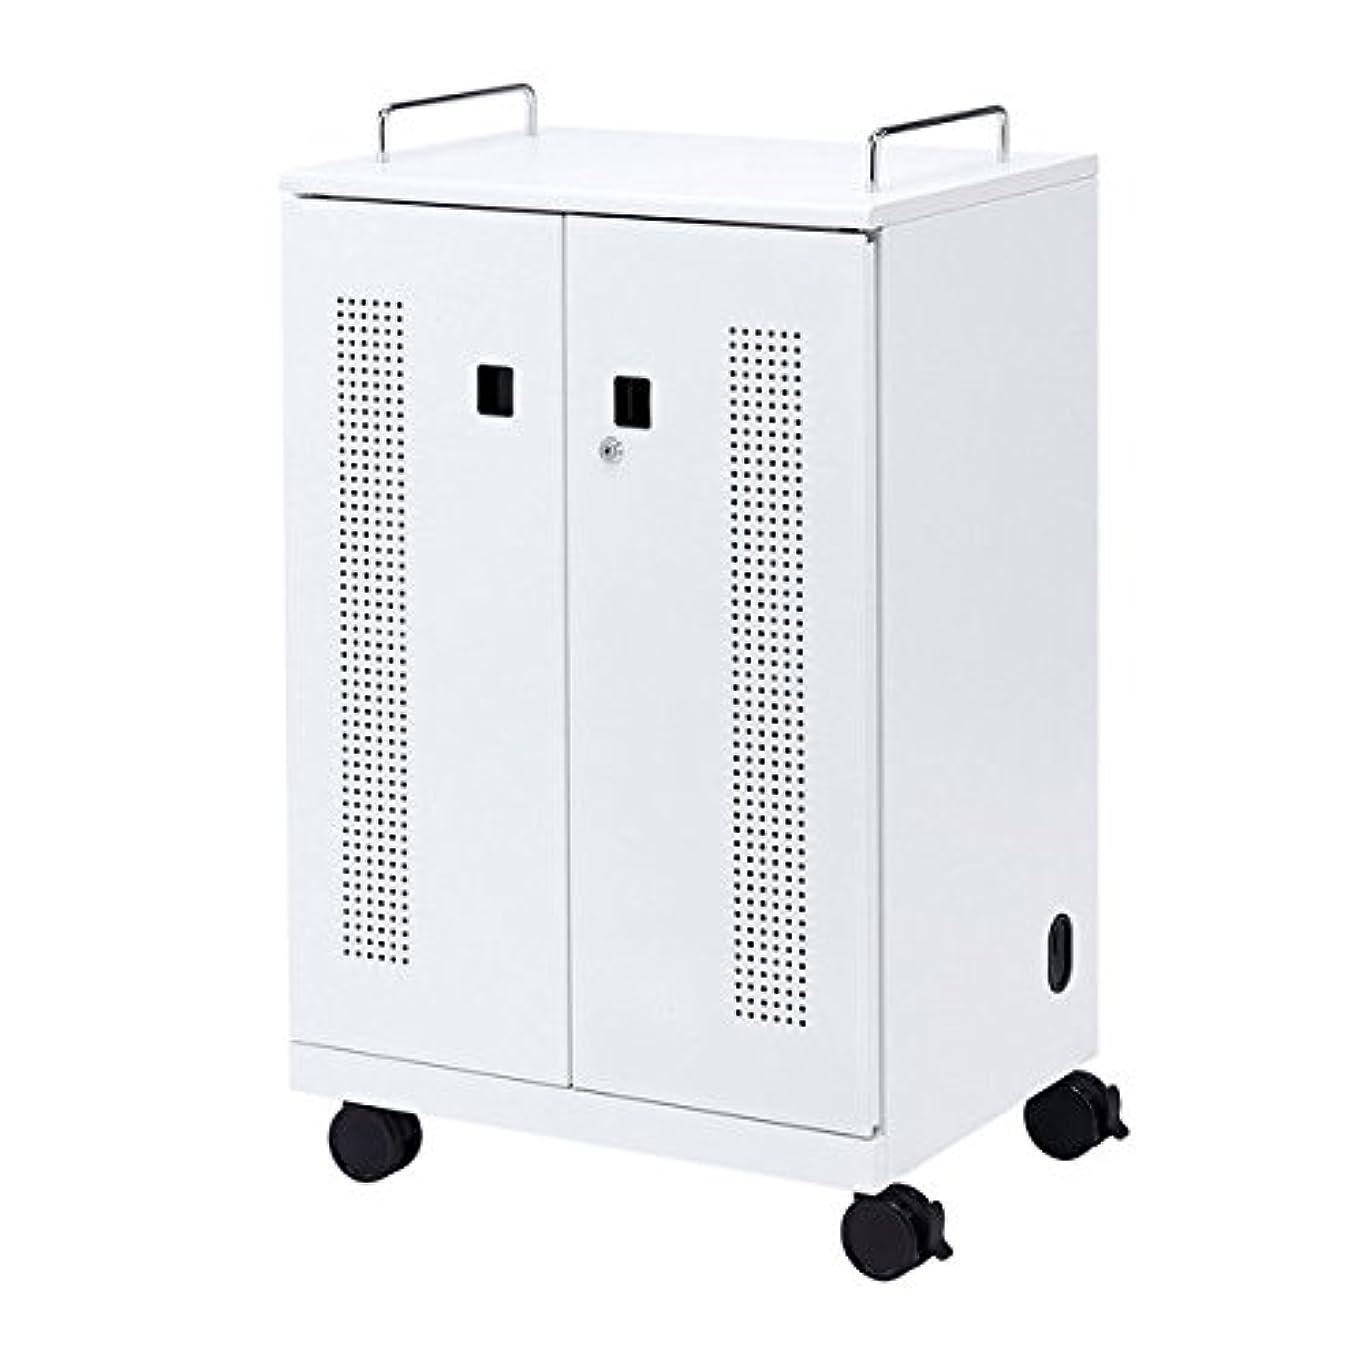 誤解させるホバート構造的SANWA SUPPLY(サンワサプライ) タブレット収納キャビネット(40台収納) CAI-CAB102W